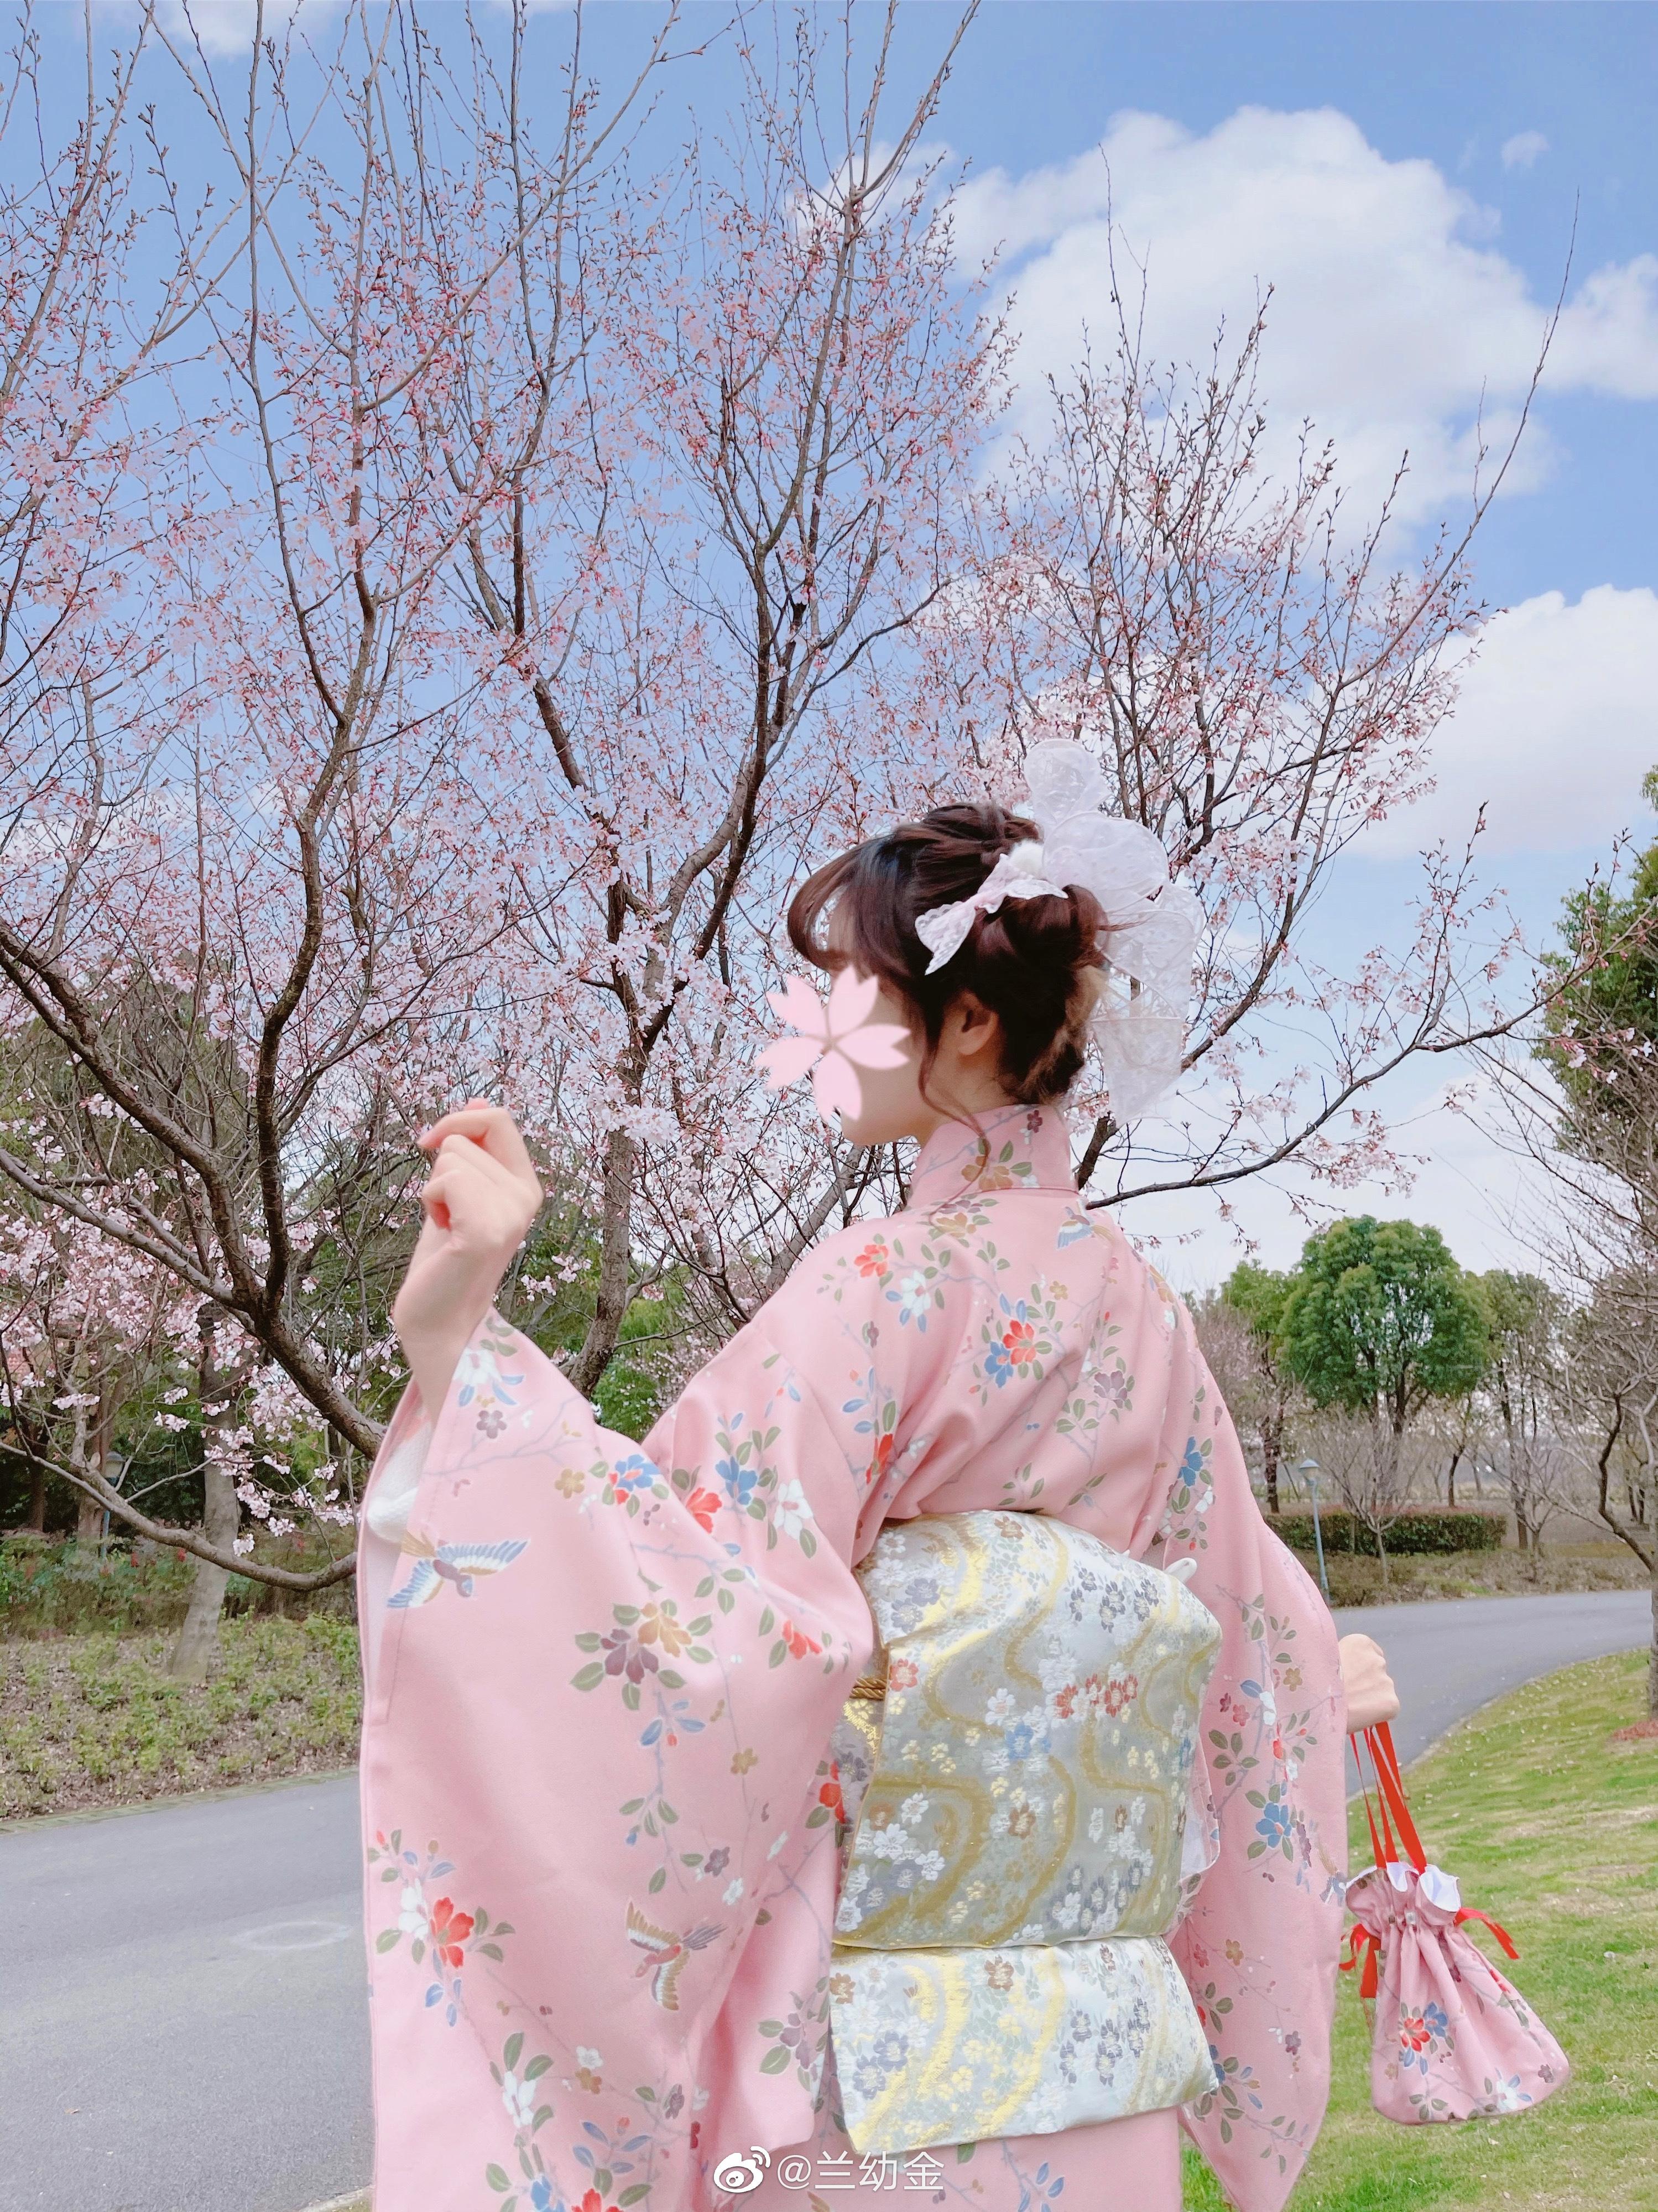 公主日记ヽ(゚∀゚)♡(゚∀゚)ノ今天去拍樱花啦...美女